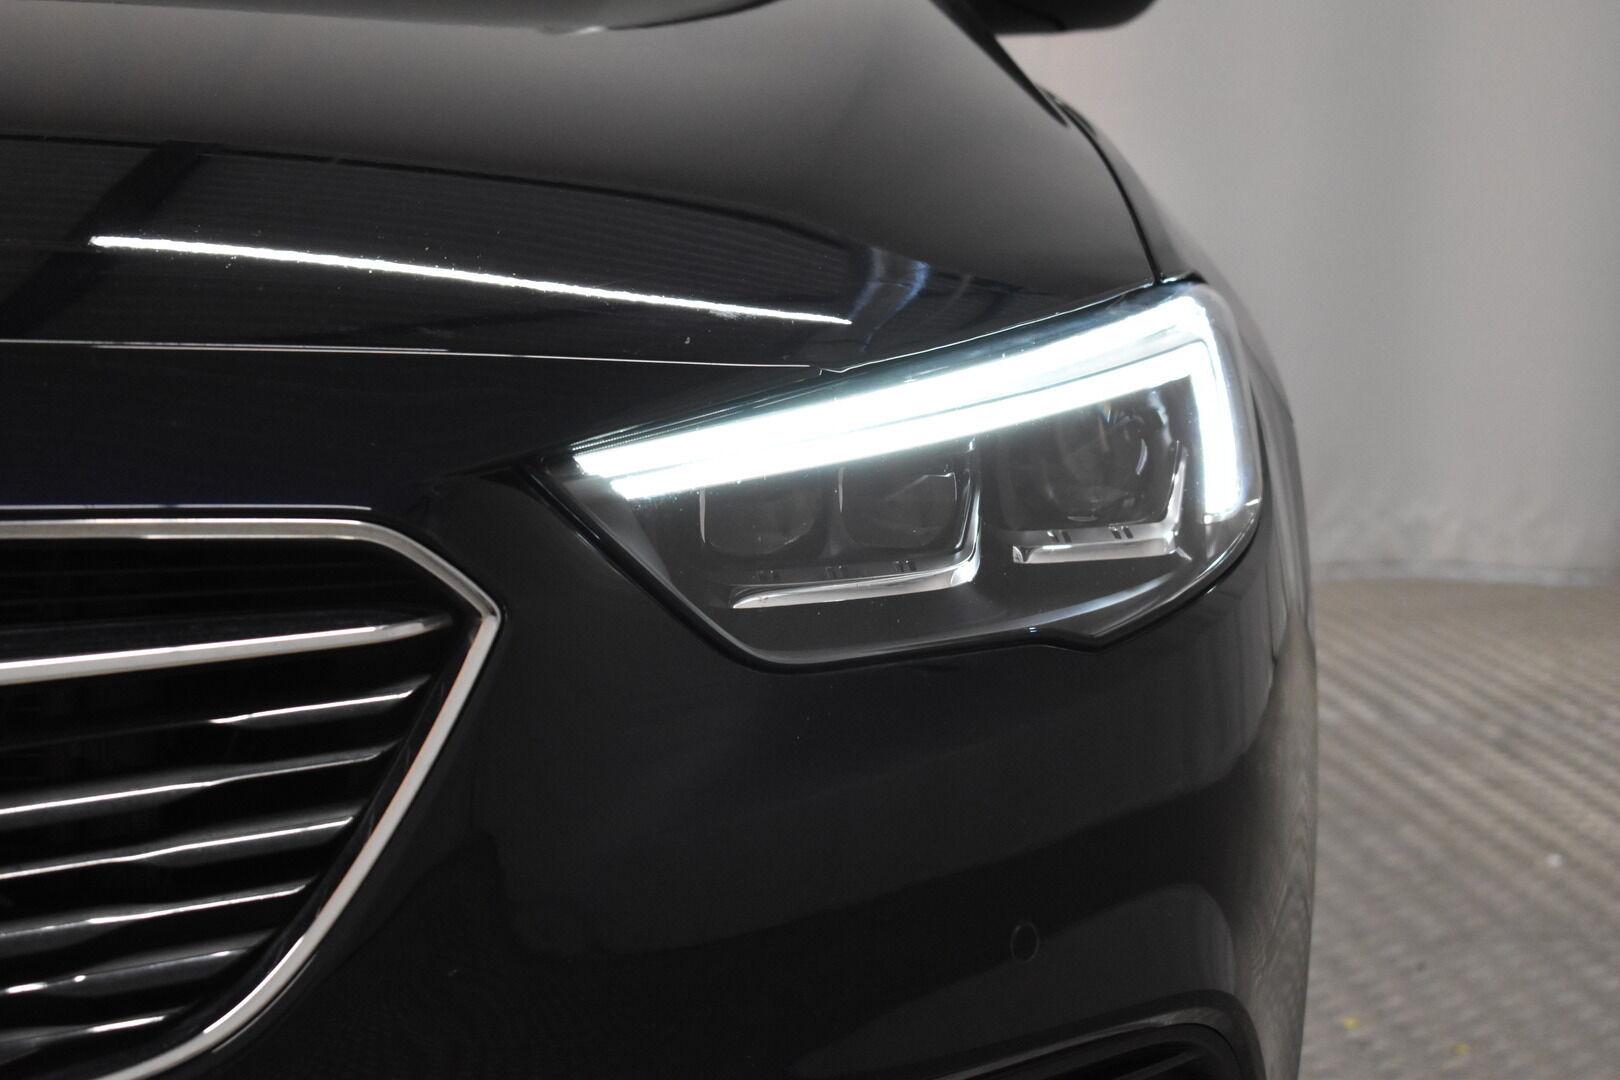 Musta Farmari, Opel Insignia – VAN-42819, kuva 25